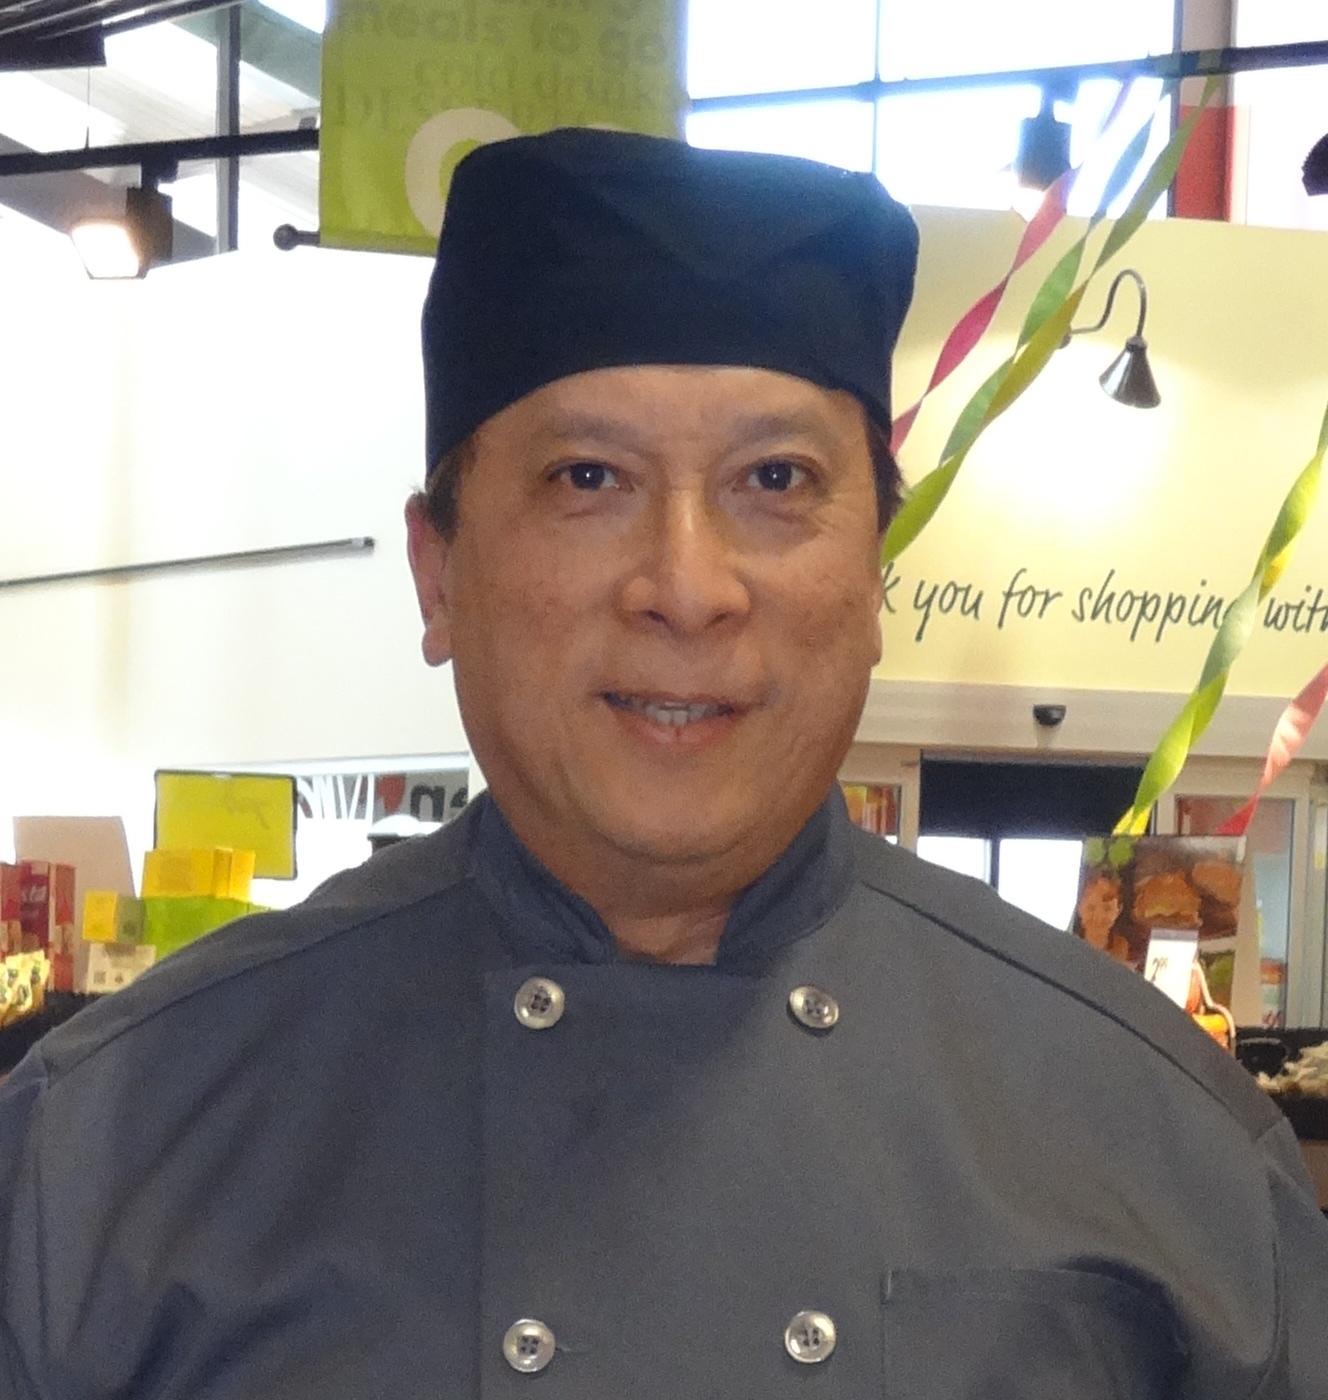 Jeff Yang photo - for Blazing Wok press release - April 2014